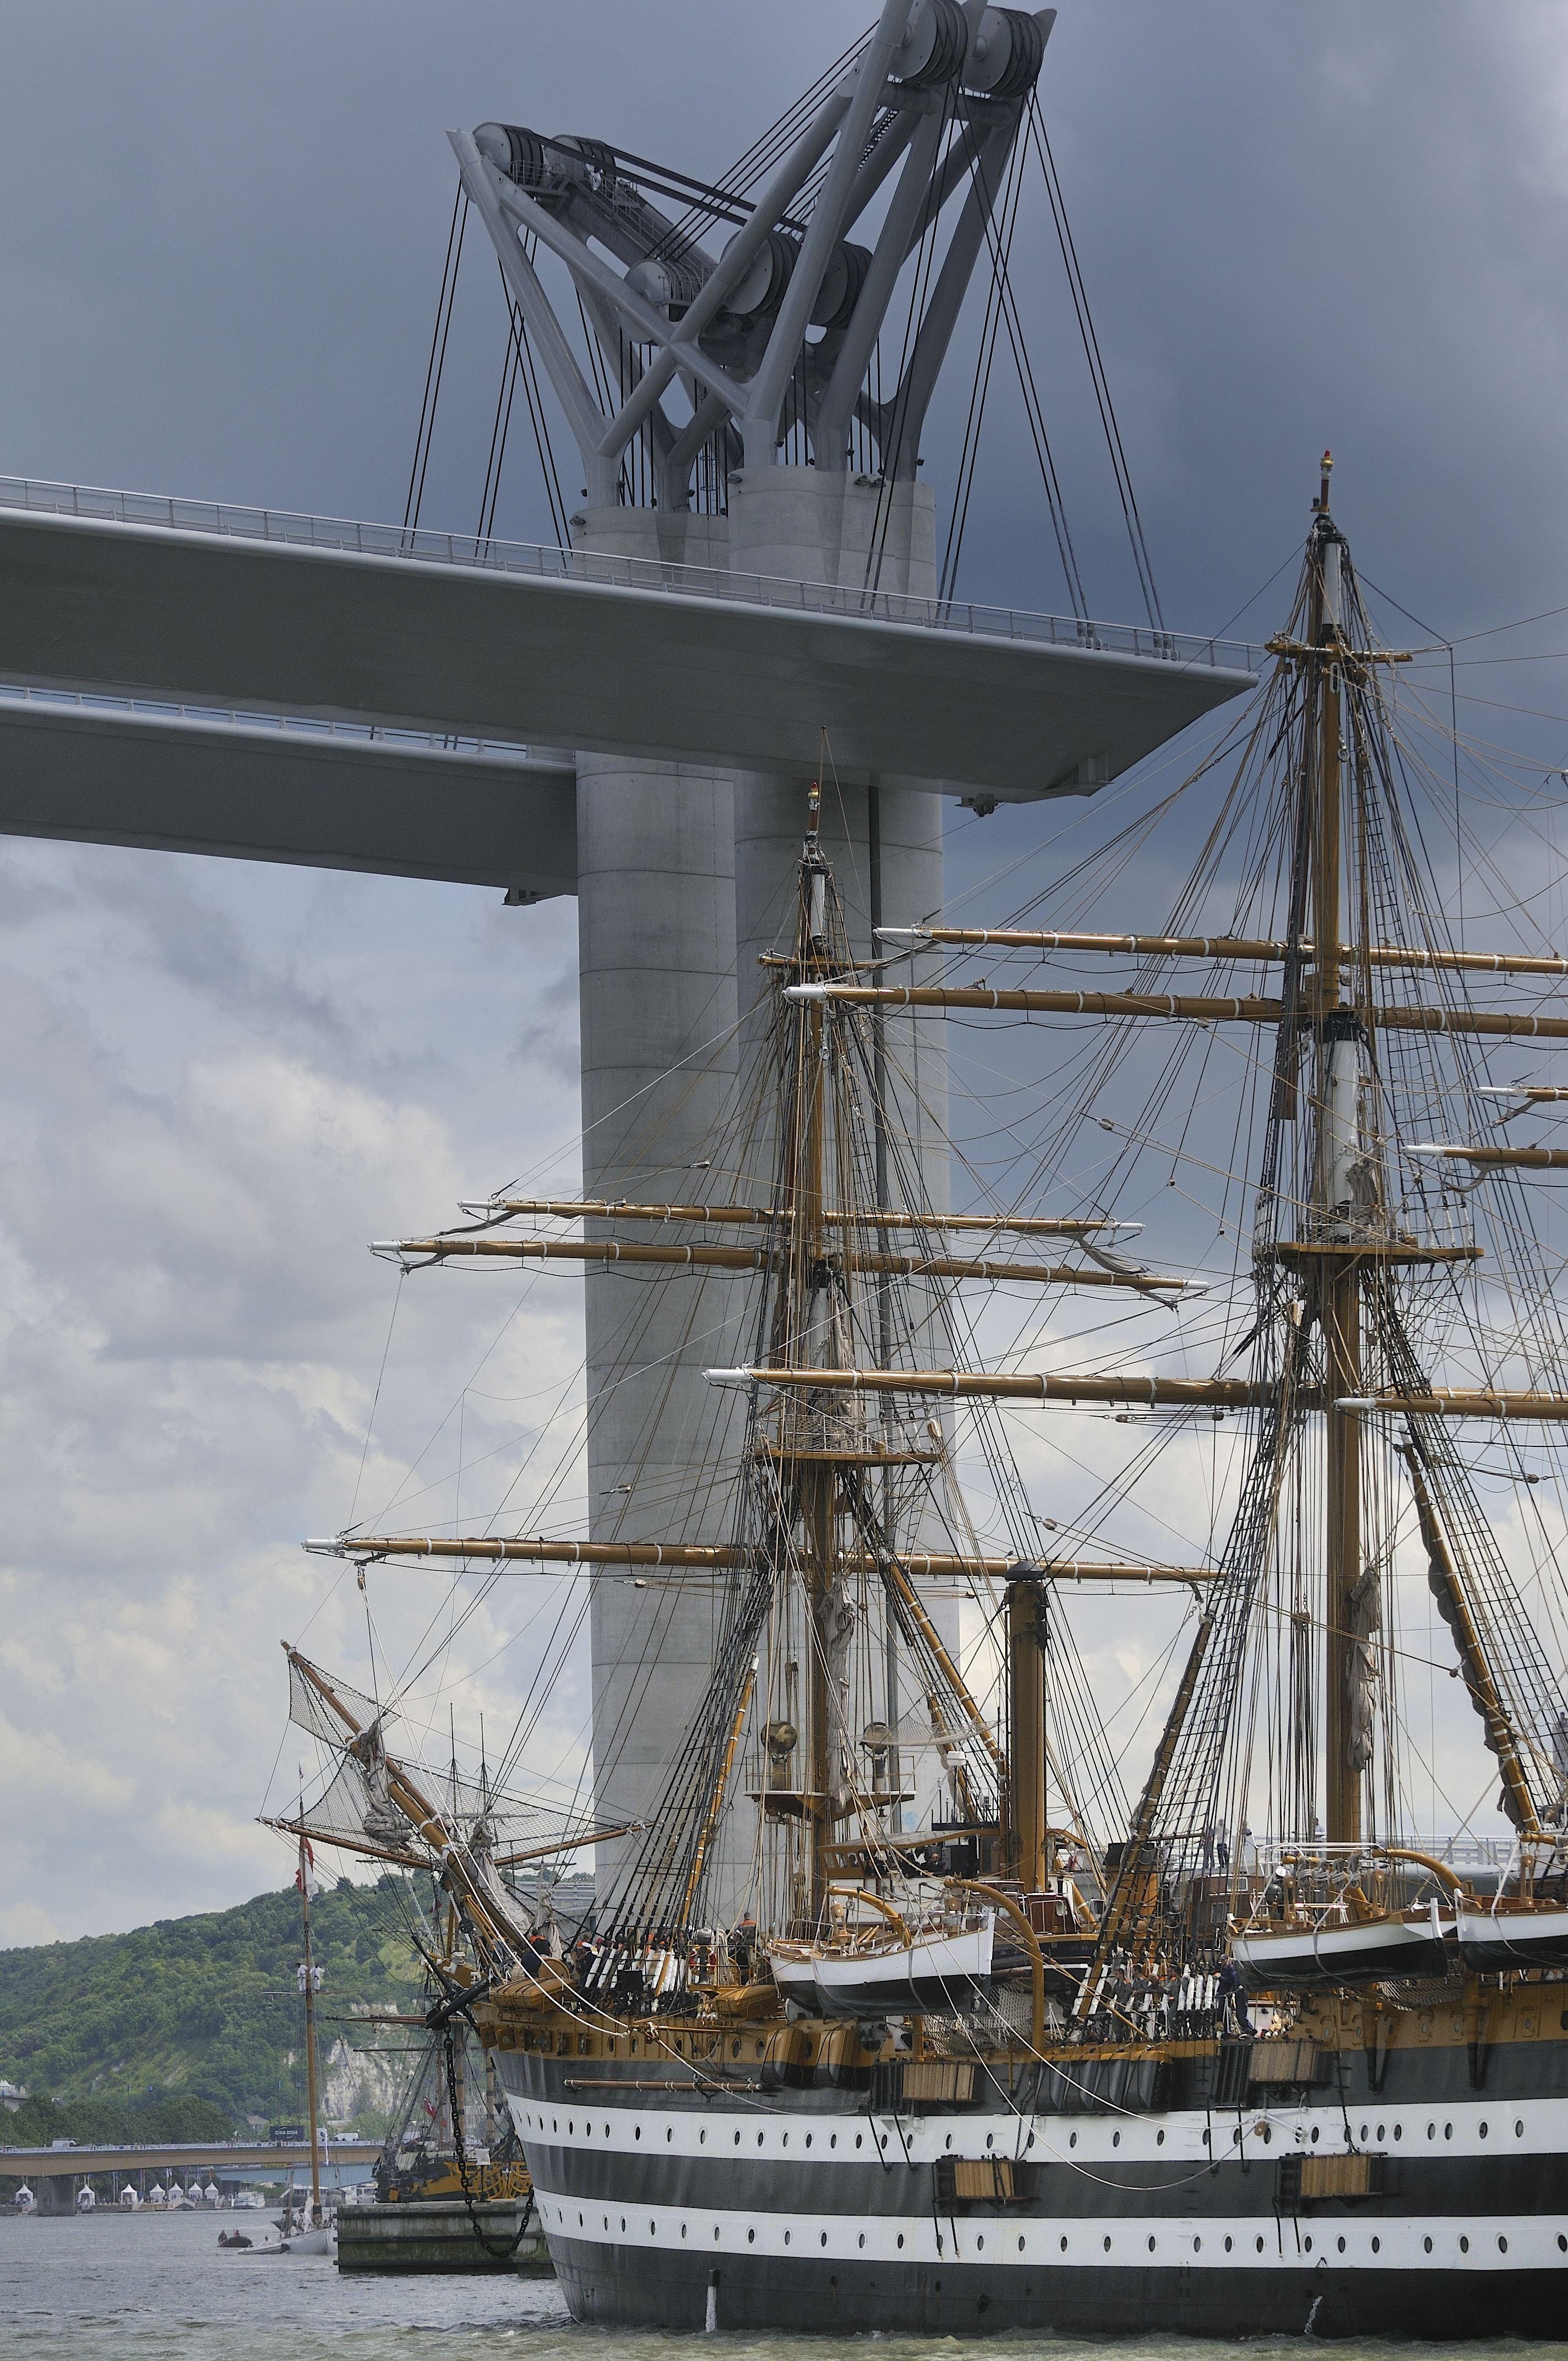 ! COMPLET ! Descente de Seine à bord de la vedette Océanite 16 juin ! COMPLET !